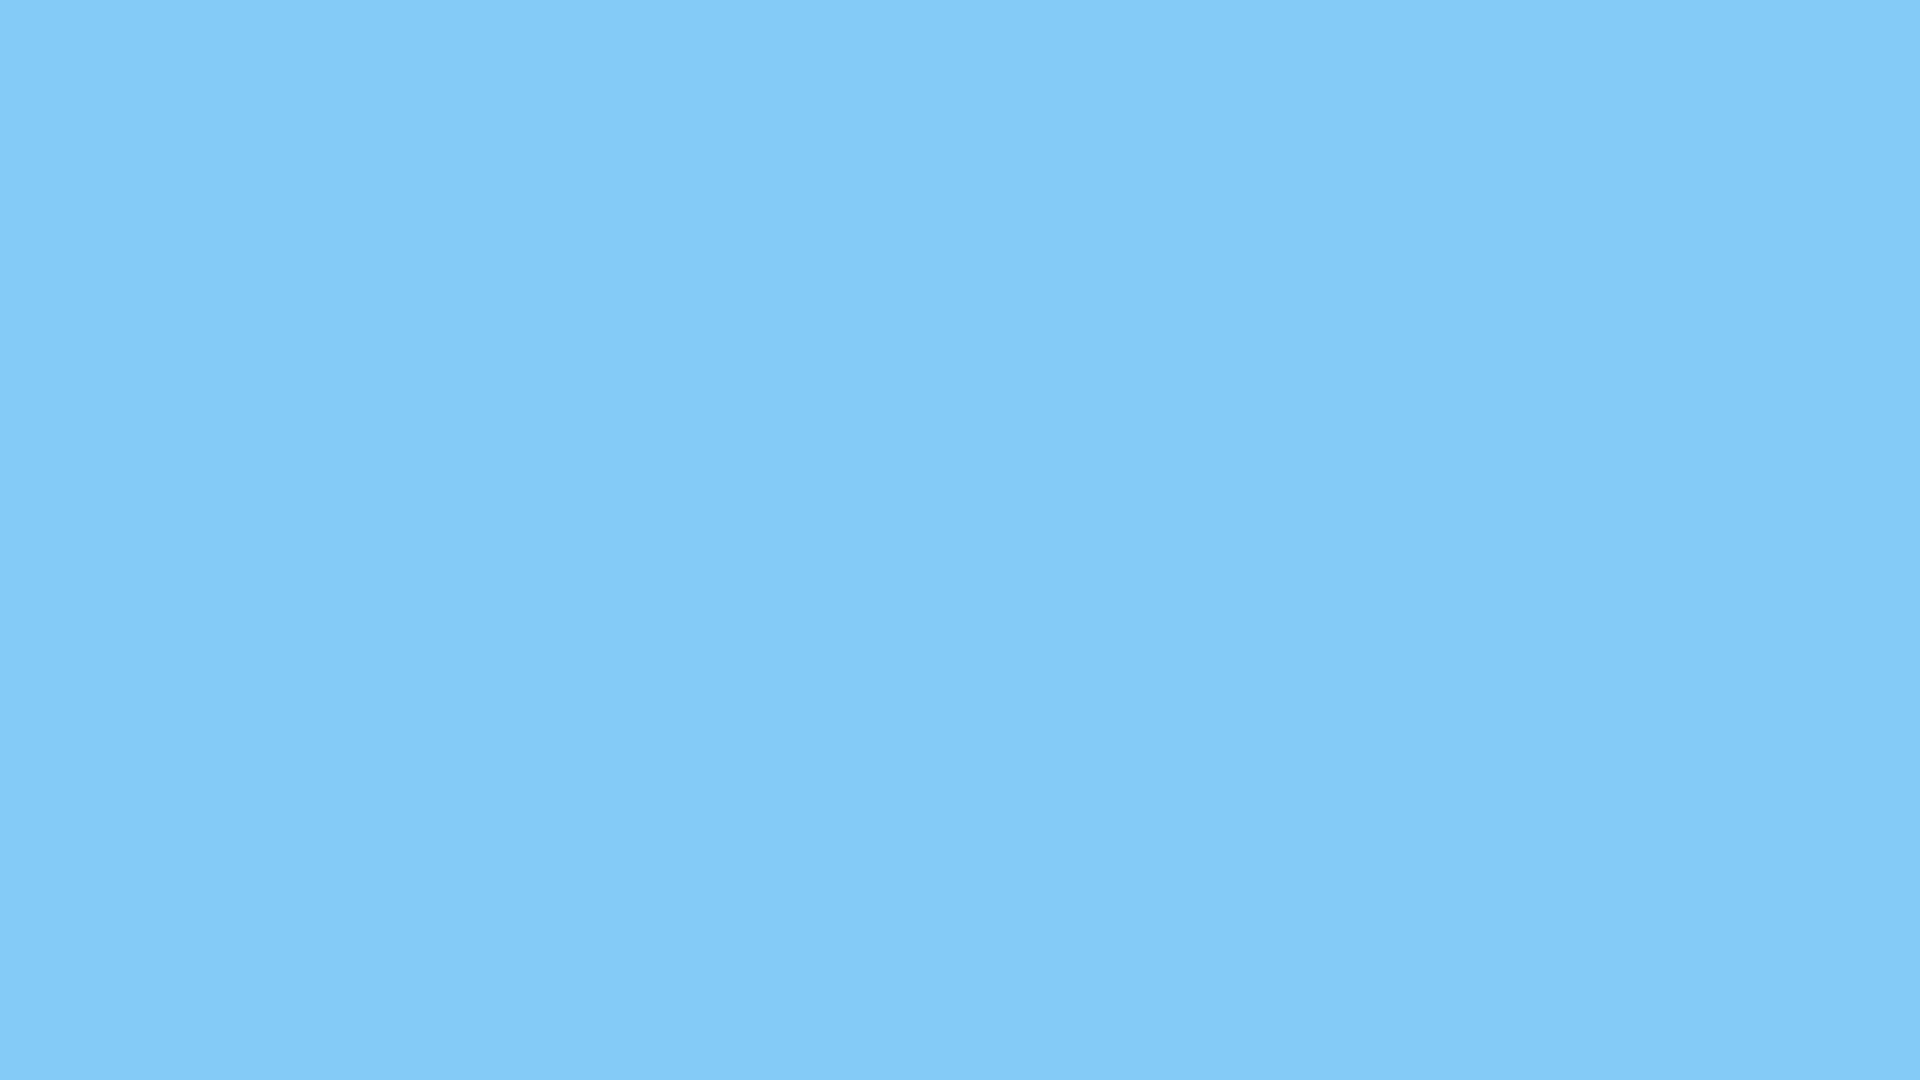 Light-sky-blue-solid-color-background